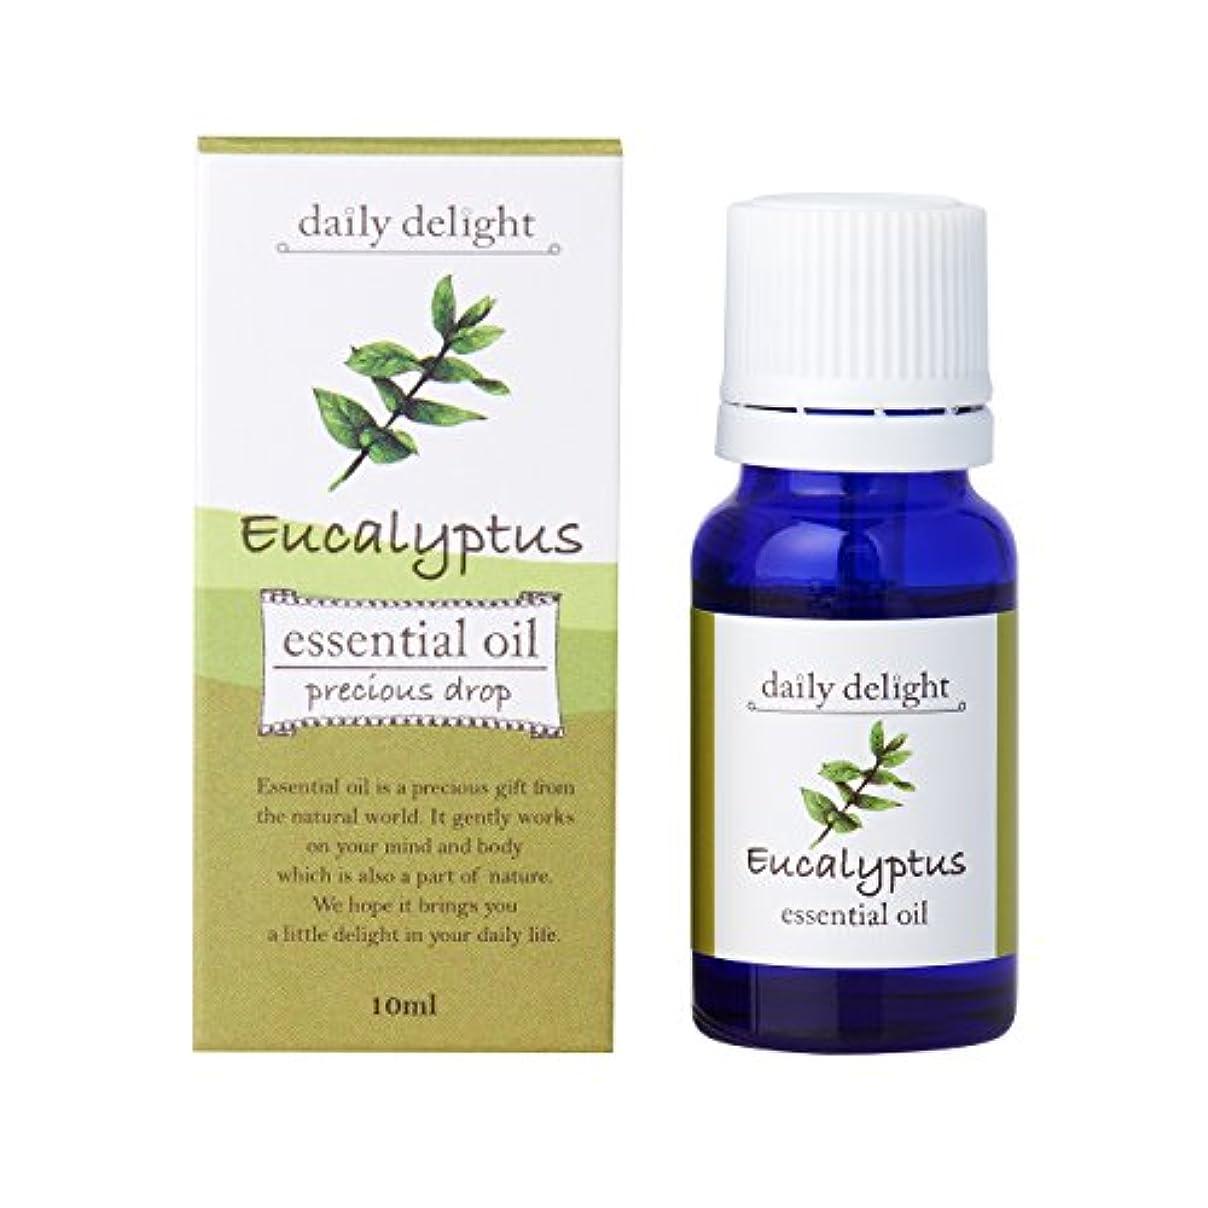 類似性ストレス高潔なデイリーディライト エッセンシャルオイル  ユーカリプタス 10ml(天然100% 精油 アロマ 樹木系 シャープですっきりした香り)